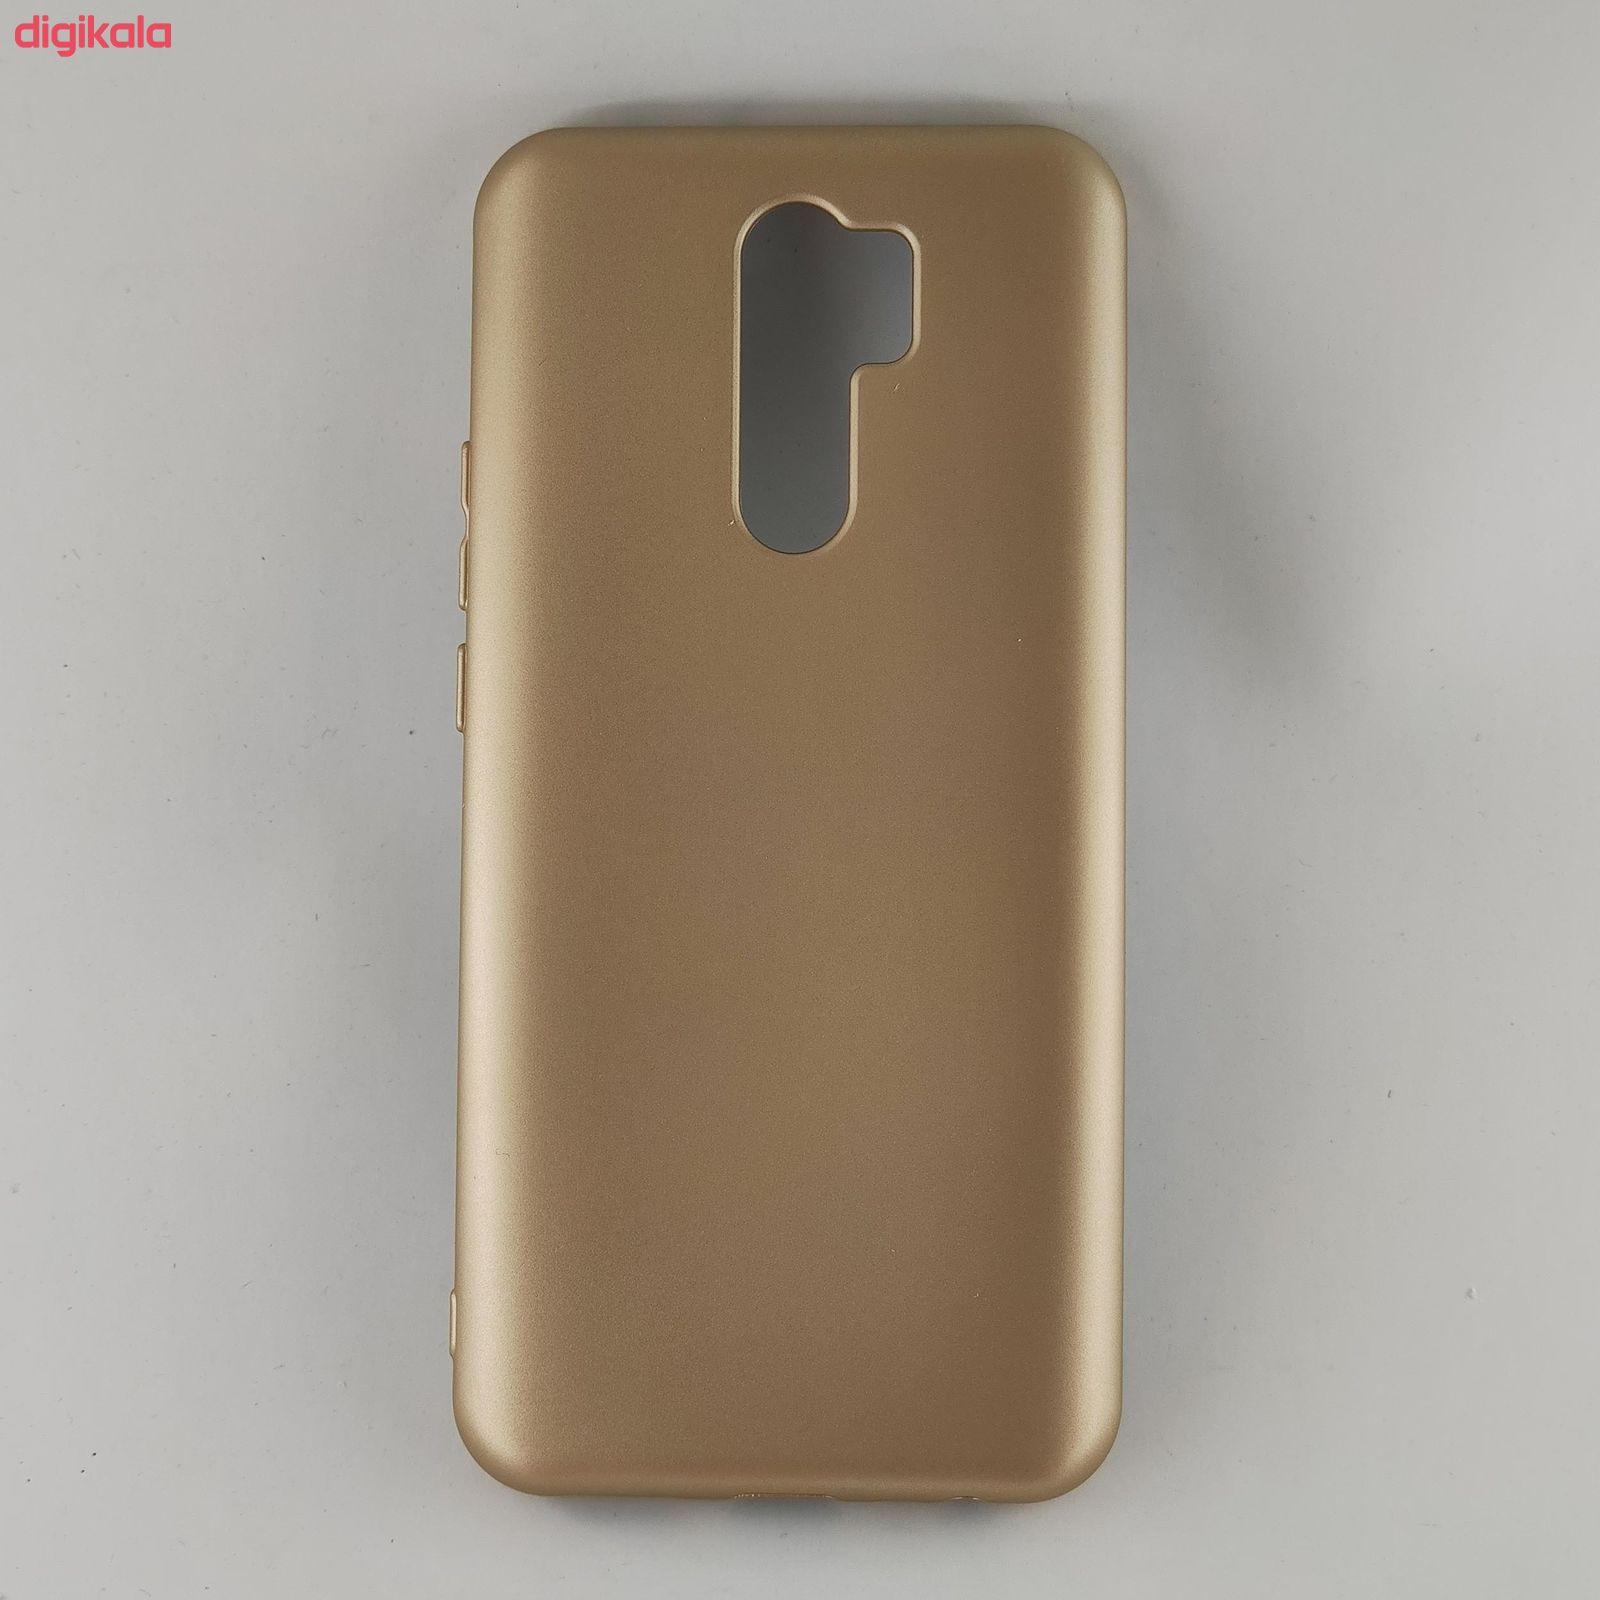 کاور مدل SIONI مناسب برای گوشی موبایل شیائومی Redmi 9/9 prim main 1 4